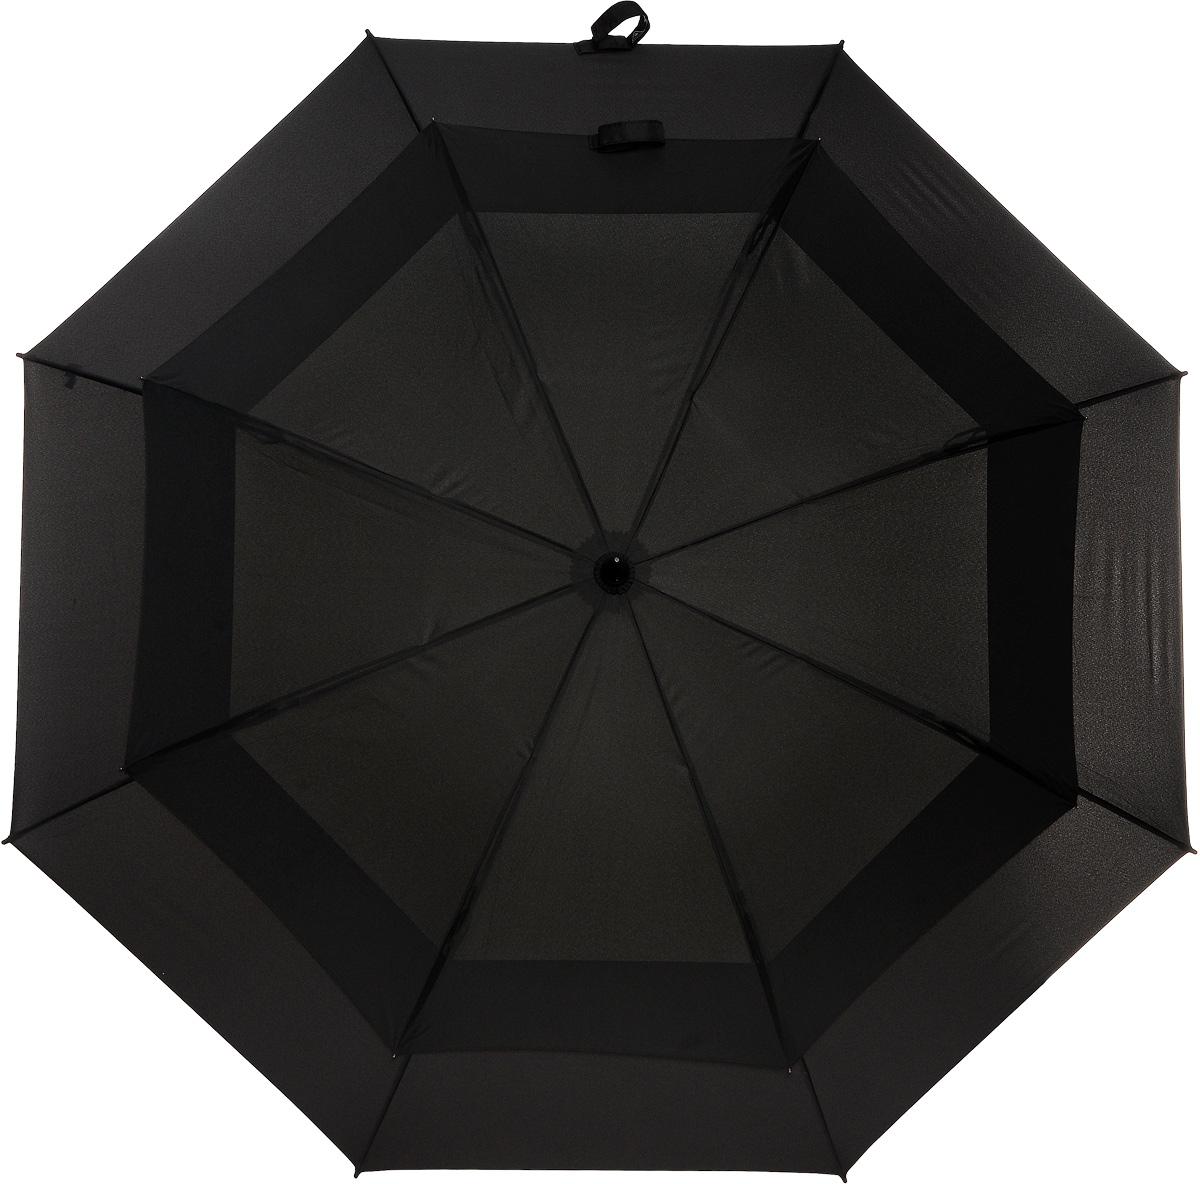 Зонт-трость Stormshield, механический, цвет: черный. S 669 3S001K50K503414_0010Оригинальный механический зонт-трость Stormshield с двойным куполом способен укрыть от дождя и штормового ветра небольшую компанию. Усиленный каркас зонта состоит из прочного стального стержня и 8 спиц из фибергласса. Купол выполнен из полиэстера черного цвета. Рукоятка зонта изготовлена из прорезиненного пластика.Зонт-трость имеет механический тип сложения: купол открывается и закрывается вручную до характерного щелчка.Такой стильный и необычный зонт выделит вас из толпы и поднимет настроение окружающим. В комплекте - чехол для хранения. Характеристики: Материал: полиэстер, пластик, сталь, фибергласс. Цвет: черный. Диаметр купола: 130 см. Длина ручки (стержня) в раскрытом виде:92 см.Длина зонта (в закрытом виде): 99 см.Вес: 710 г. Артикул: S 669 3S001.